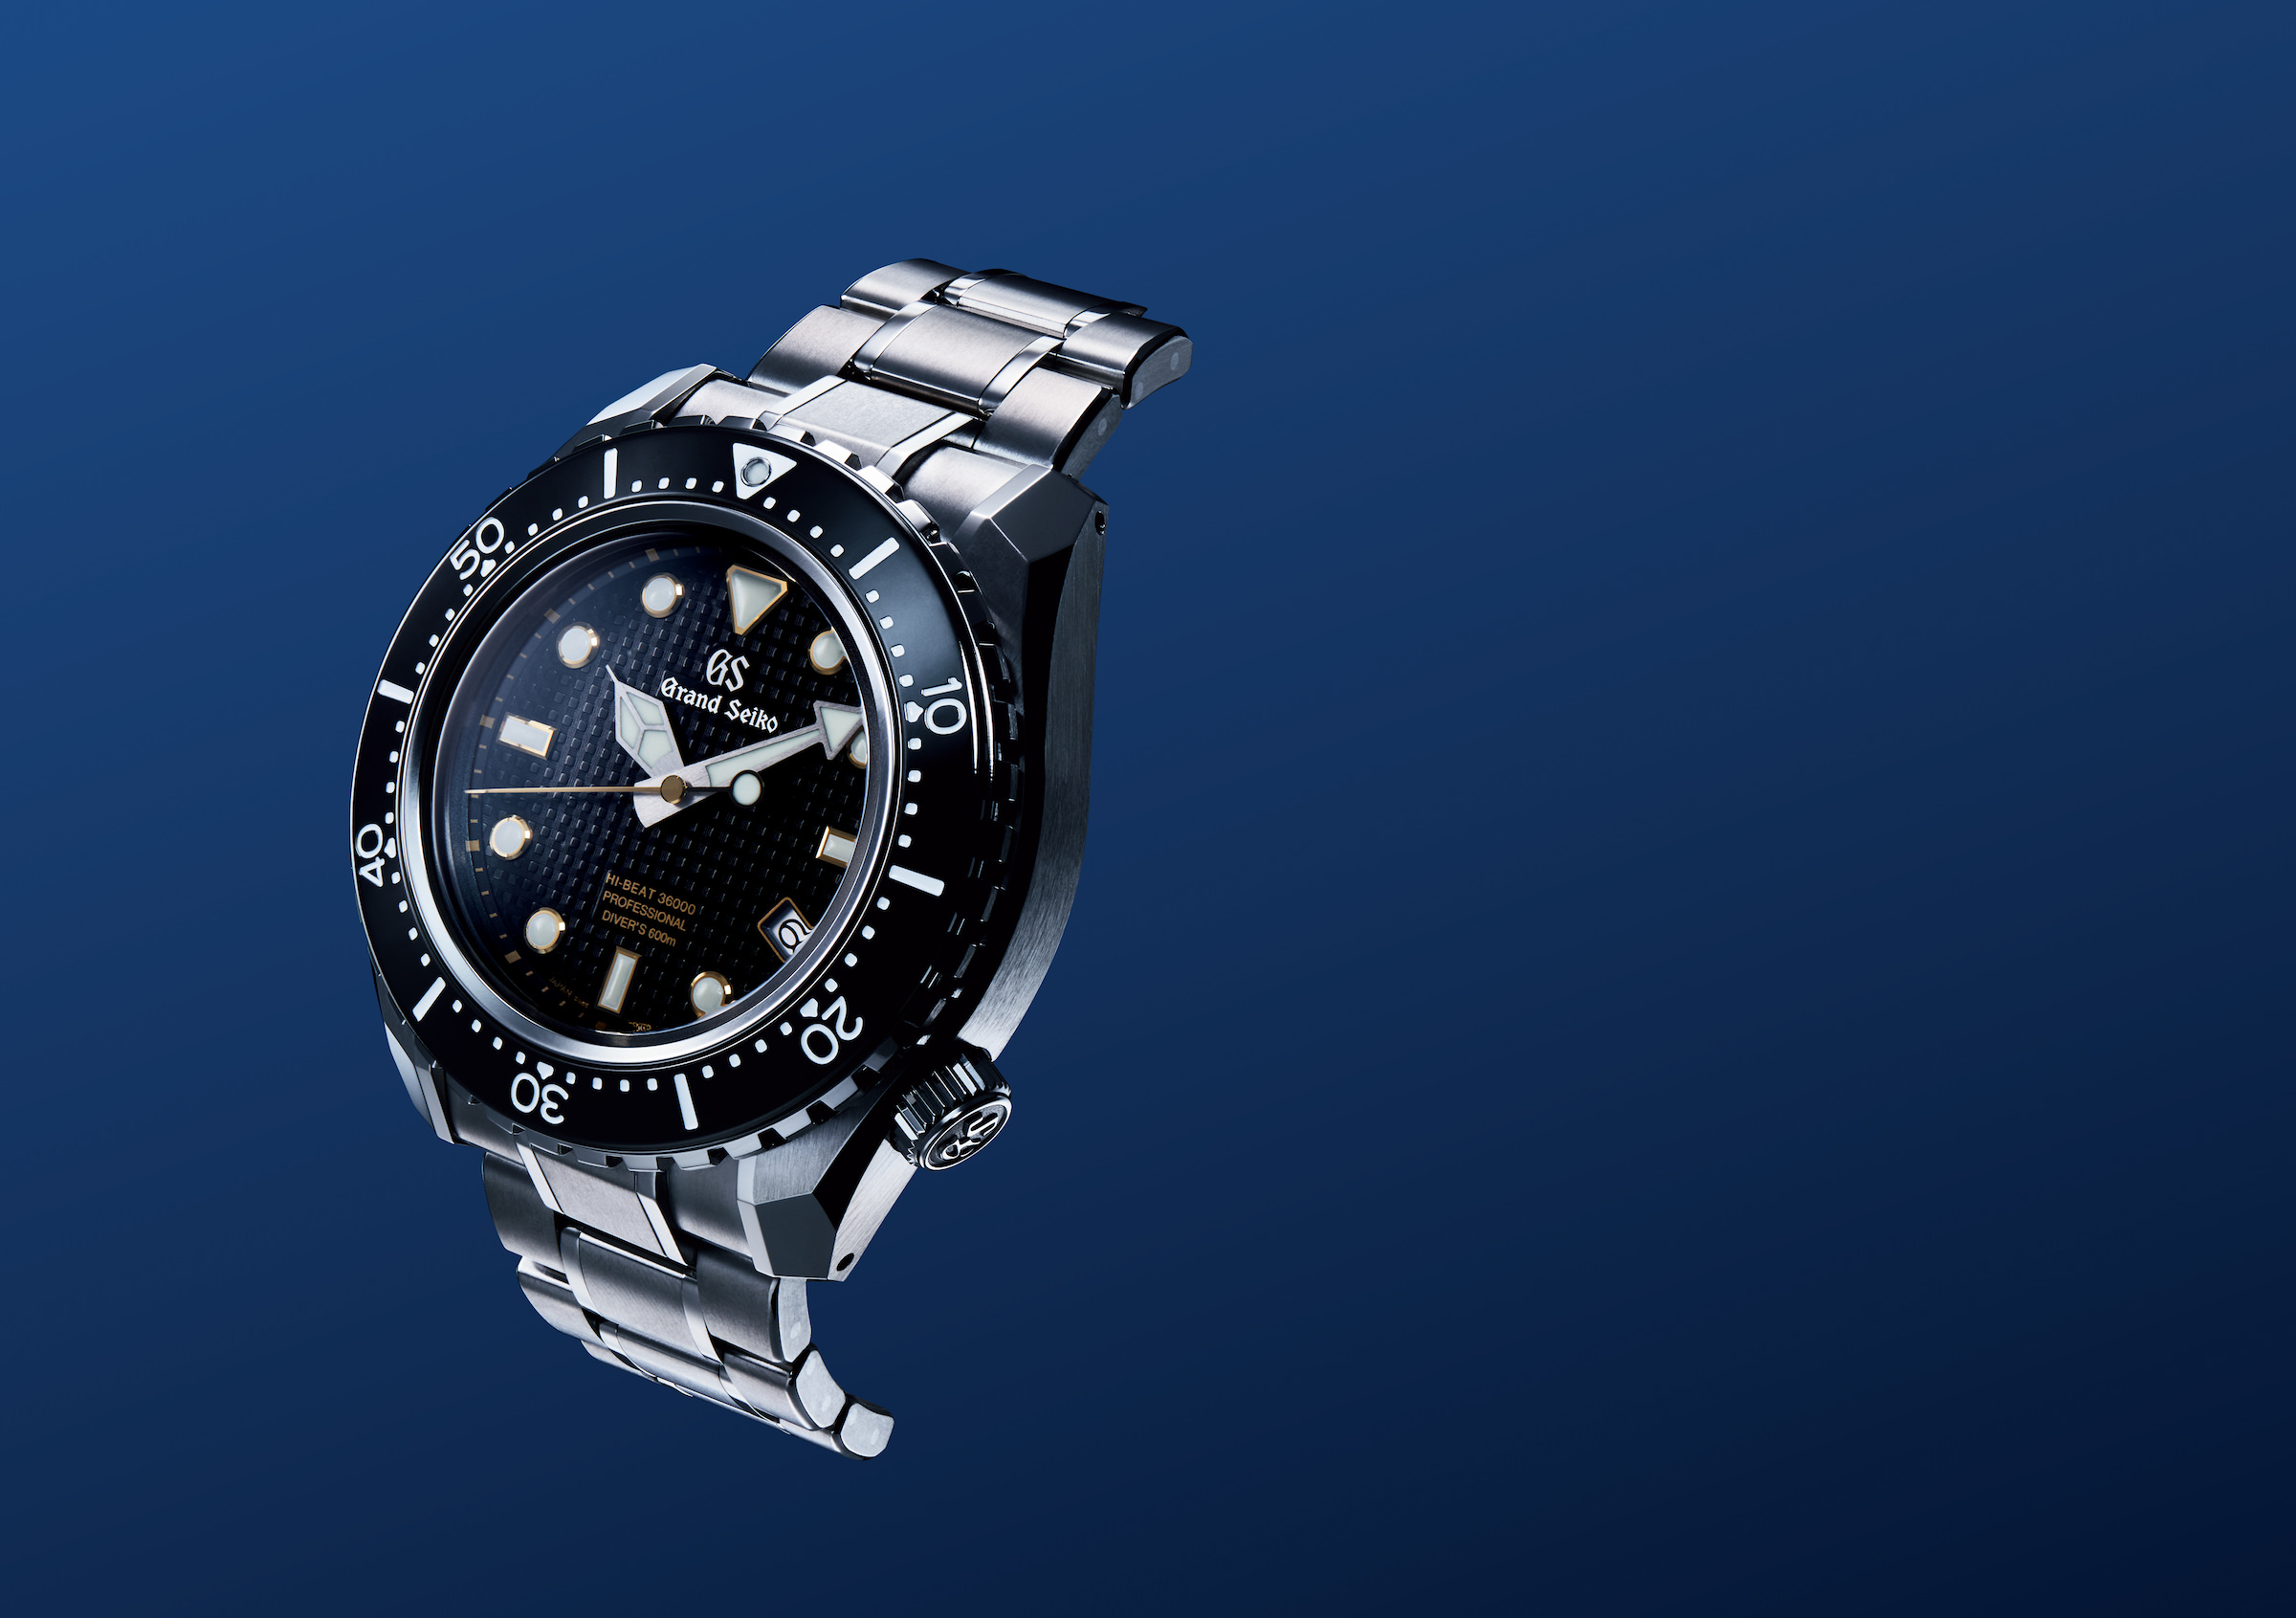 Die neue Grand Seiko Hi Beat Professional Diver